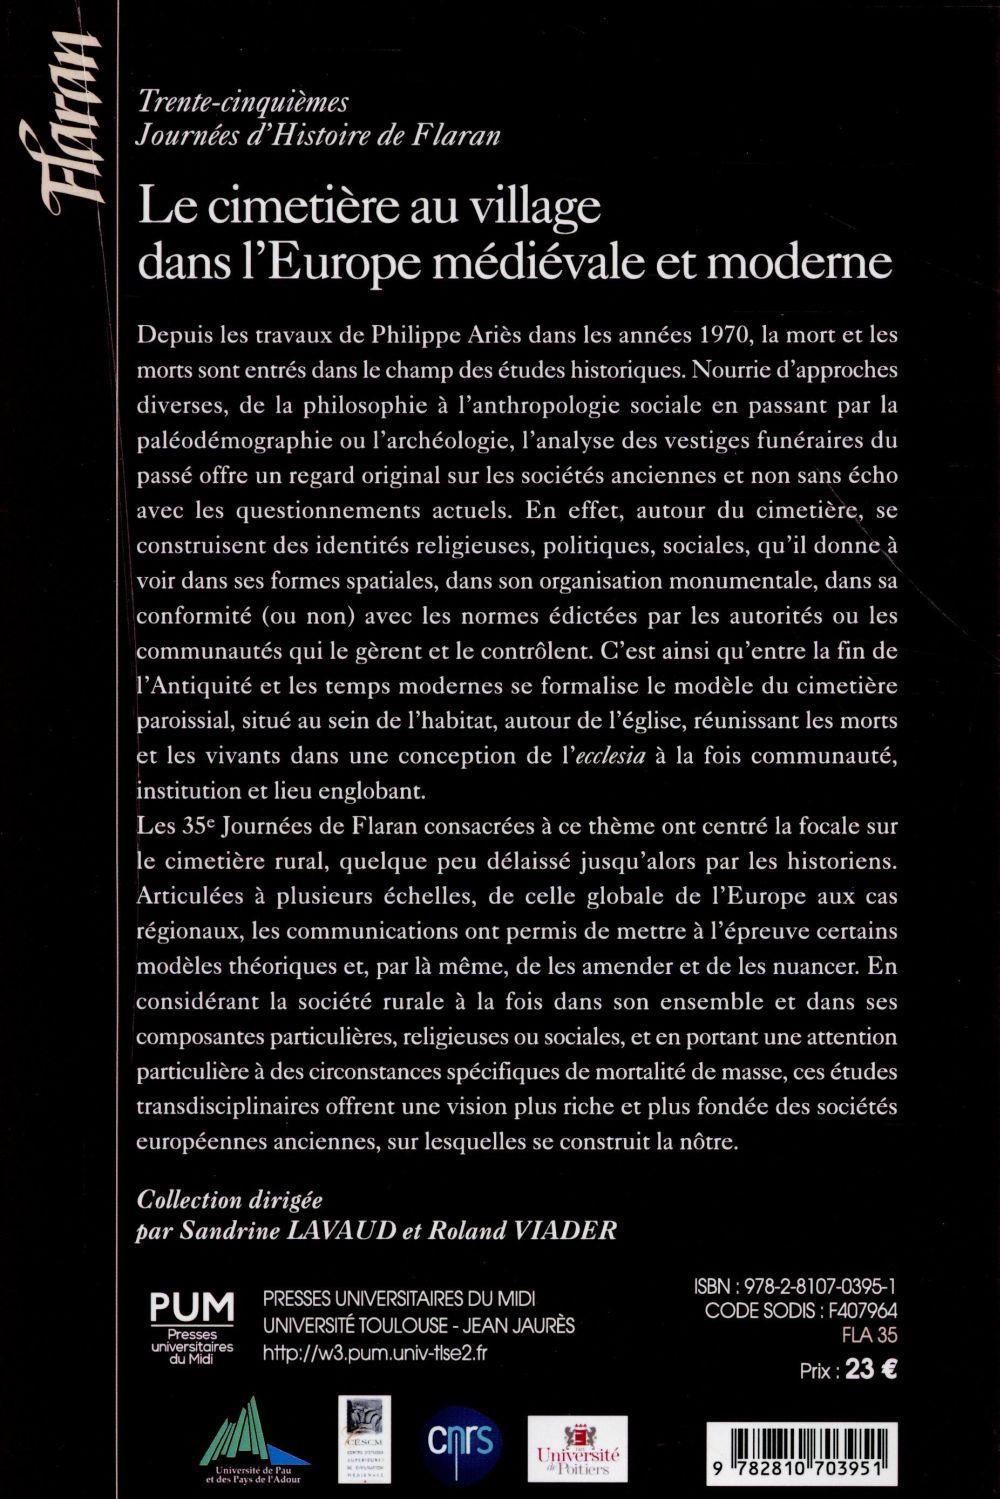 Cimetiere au village dans l europe medievale et moderne